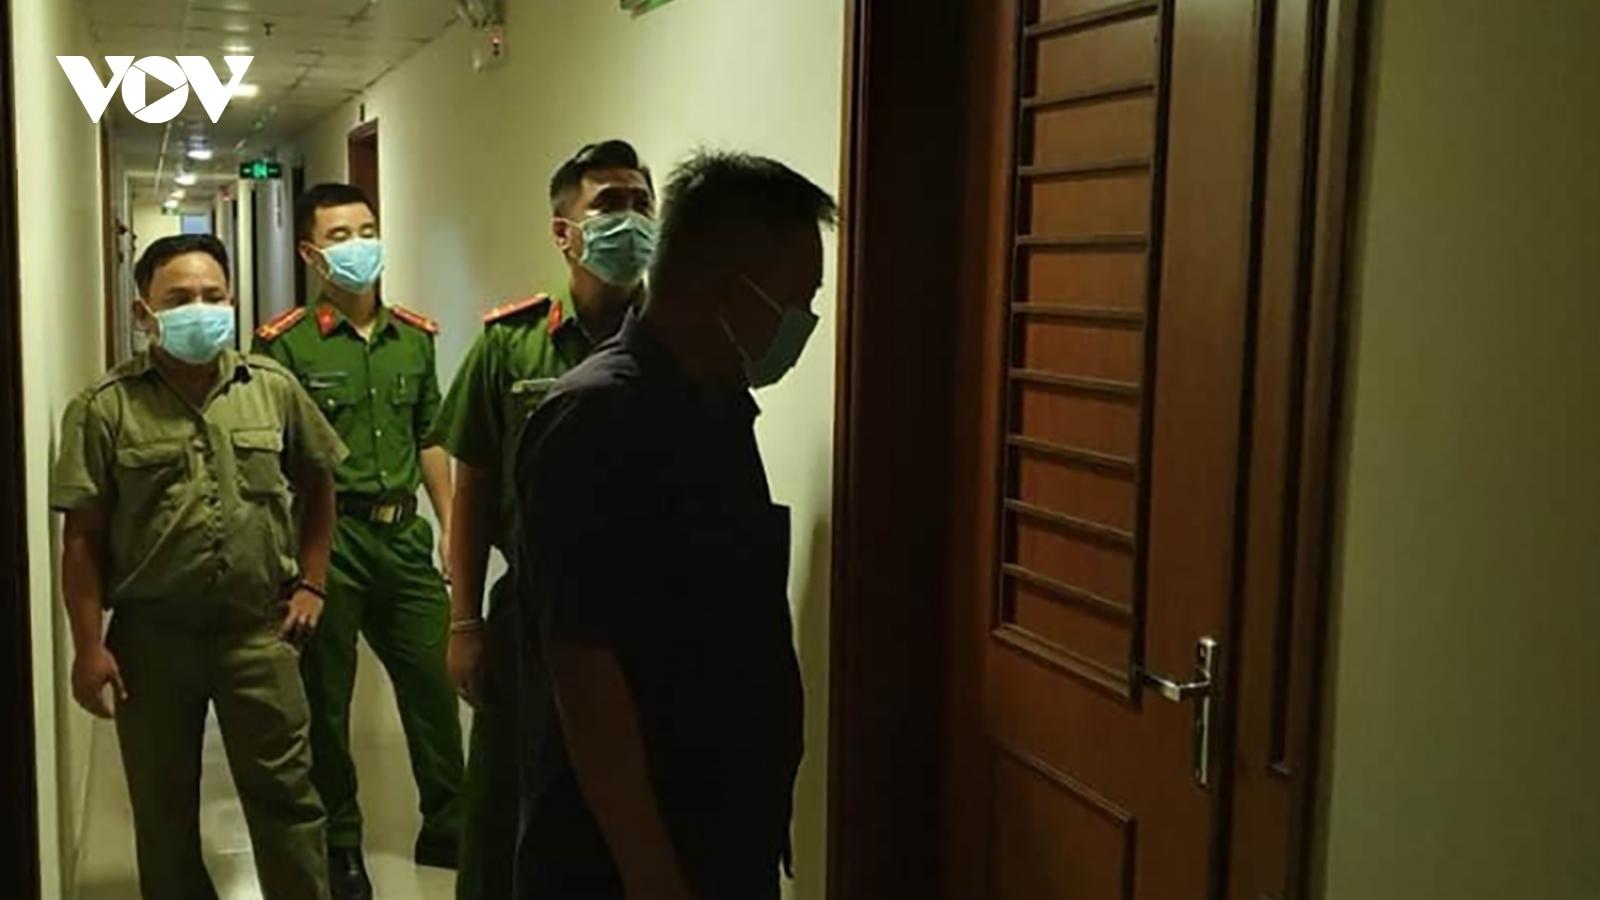 Đà Nẵng phát hiện 2 người Trung Quốc nhập cảnh trái phép